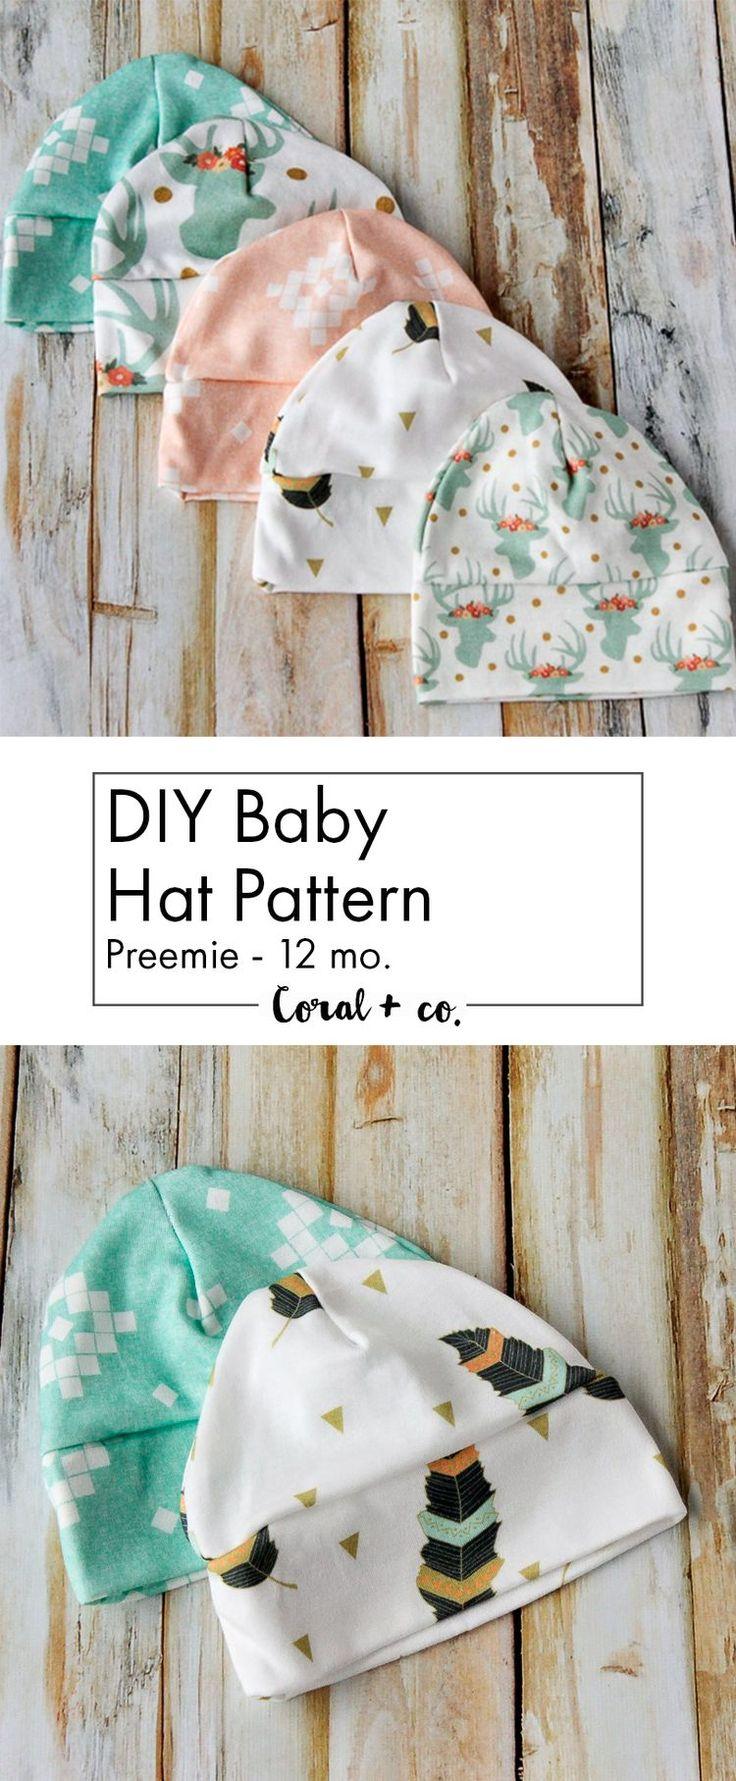 Patrón de bricolaje sombrero del bebé de costura y Tutorial en tamaños Premie - 12 Meses. - Coral & Co.Coral & Co.